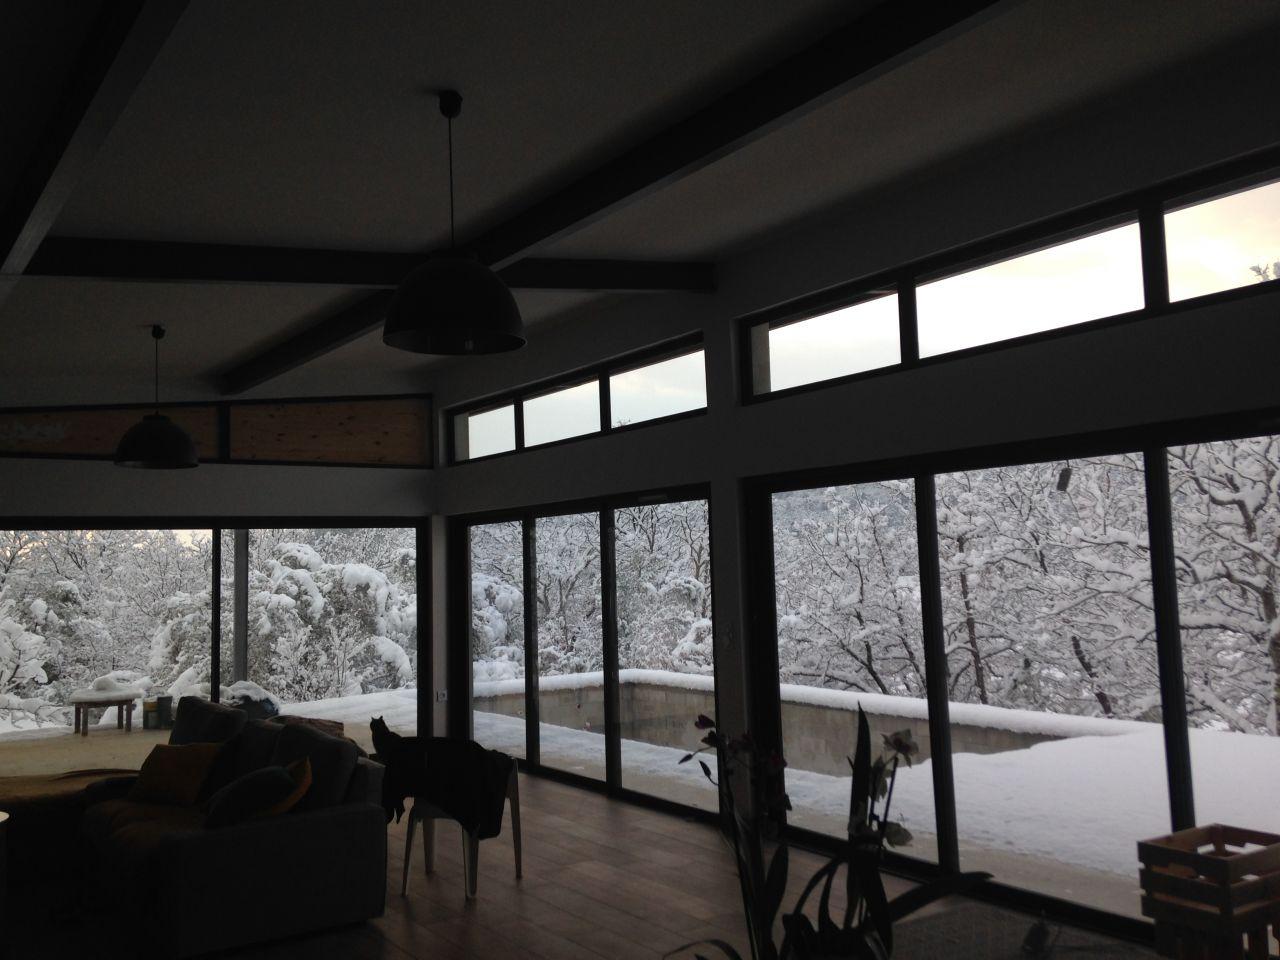 Le var sous la neige ... déjà 3 fois cet hivers du jamais vu ... c'est beau mais c'est FROID !!! <br /> Vue de la salle à manger ...